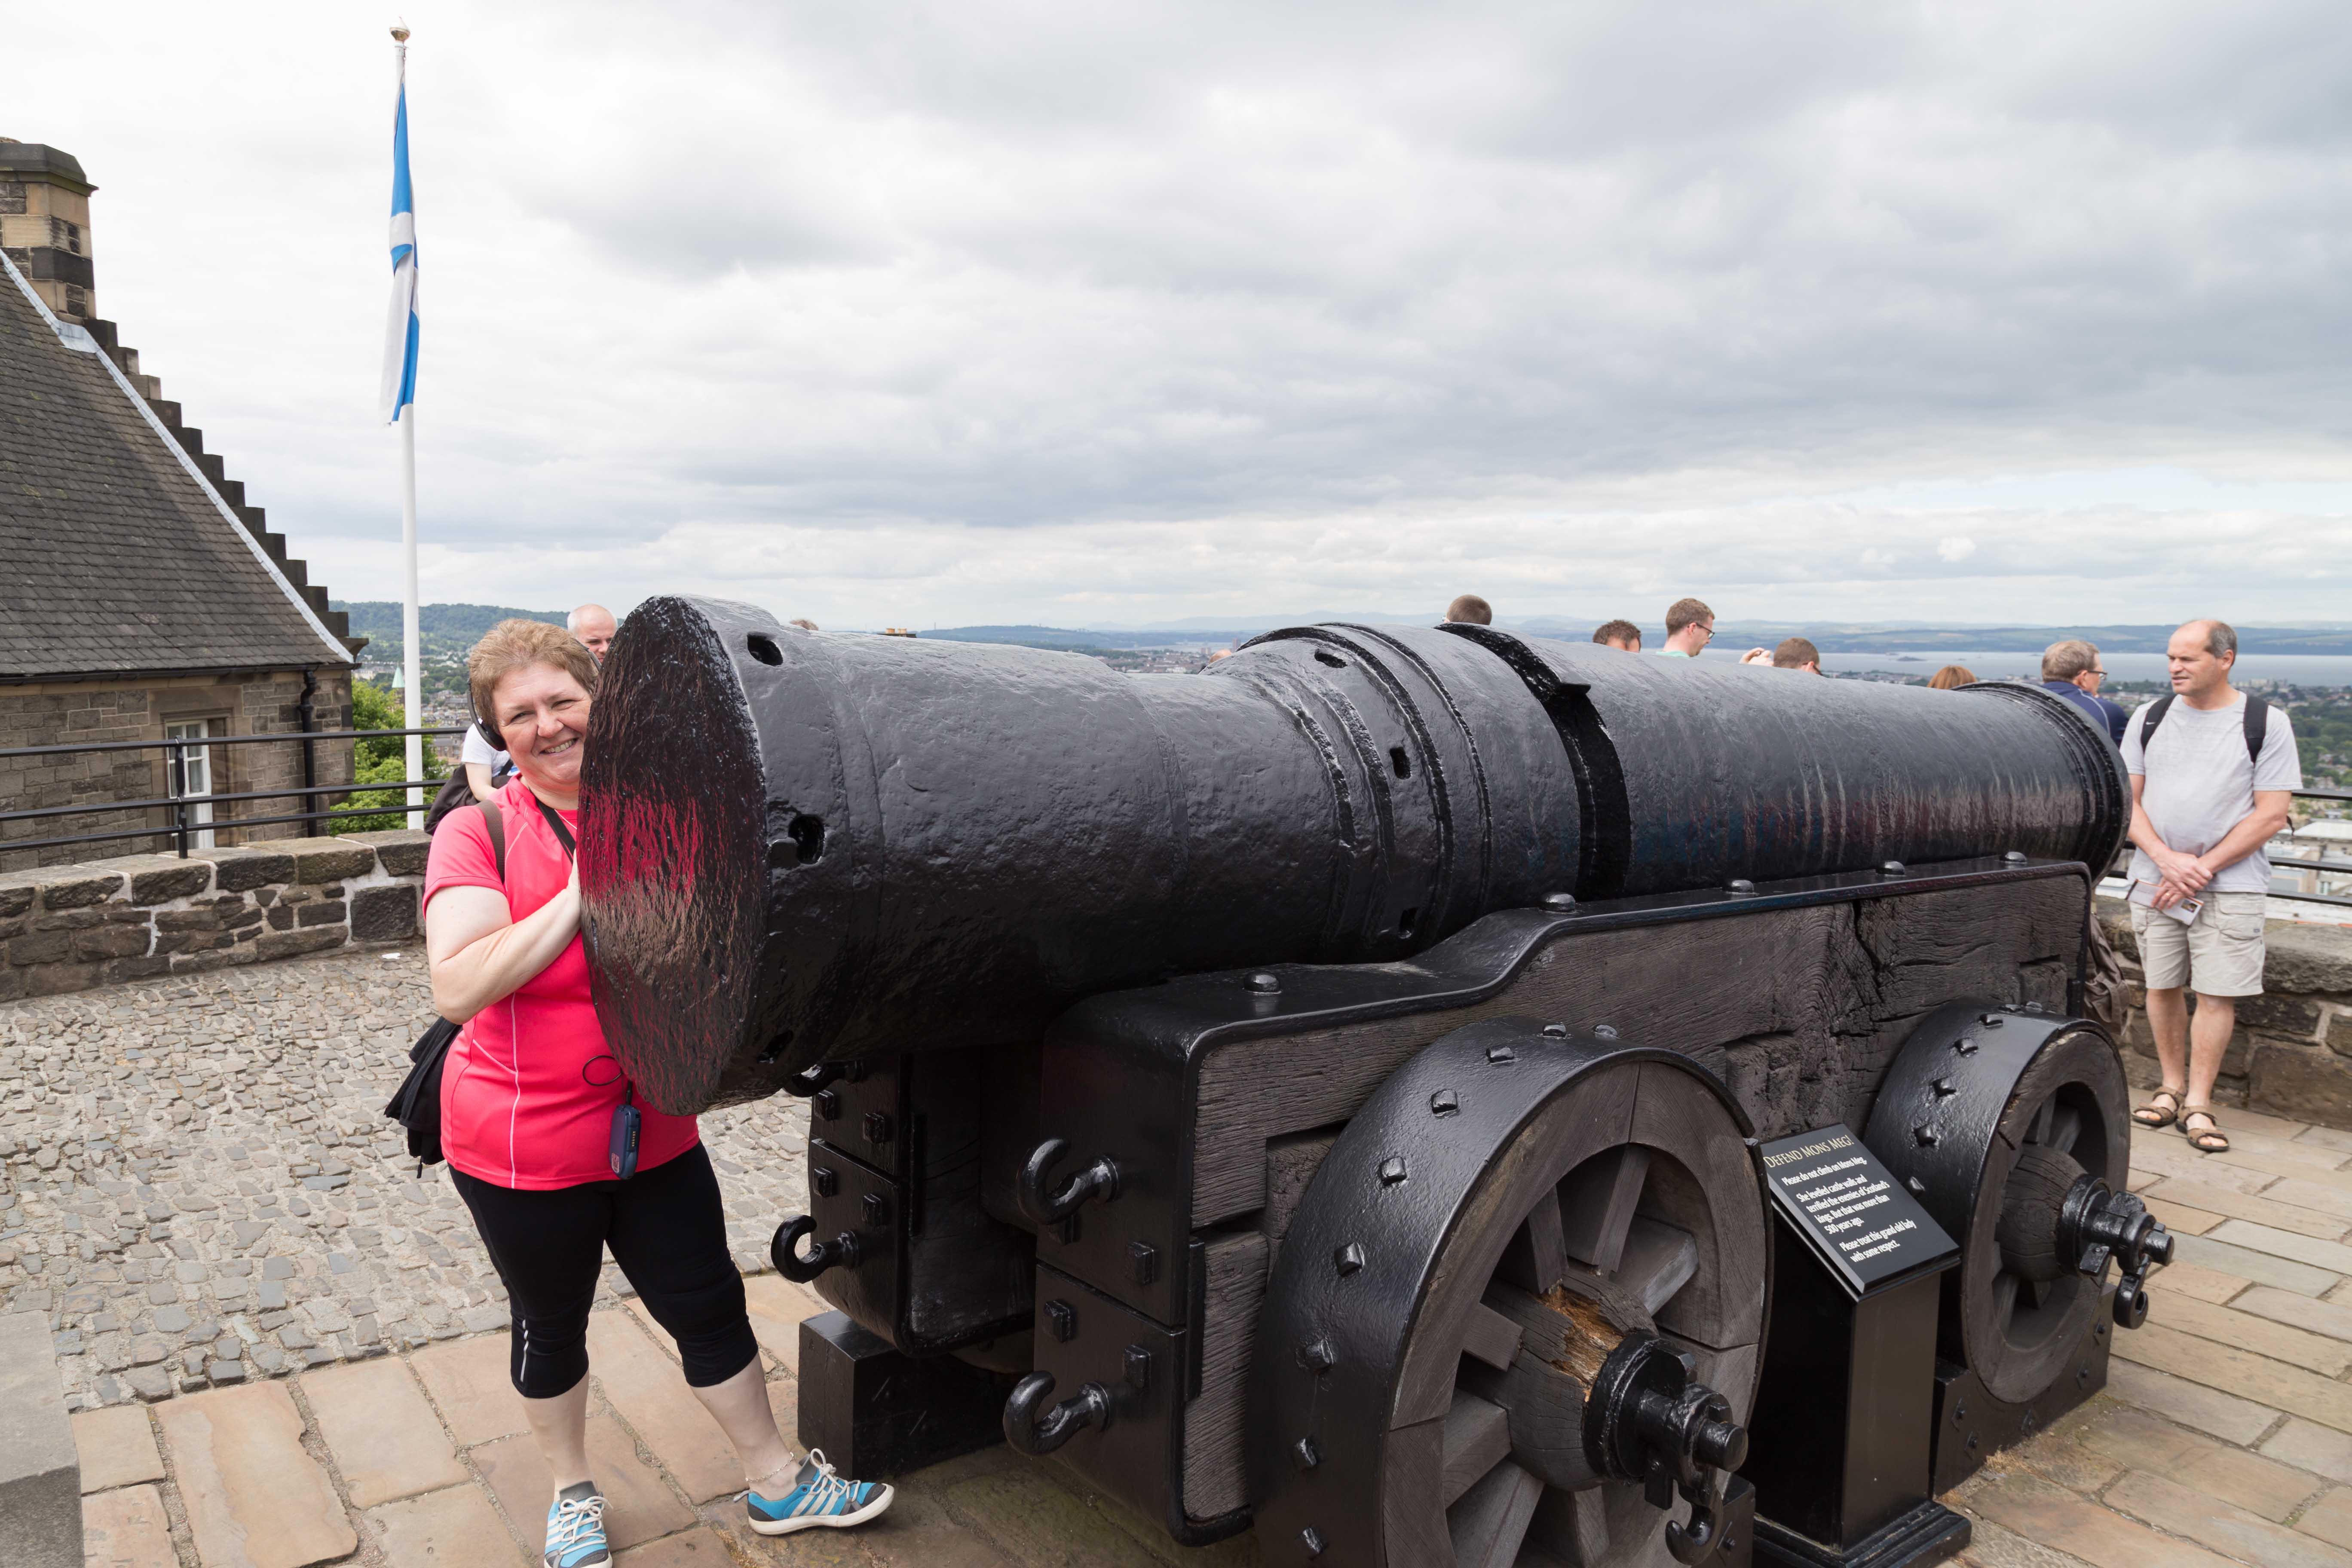 Mons Meg - eine ganz kleine Kanone